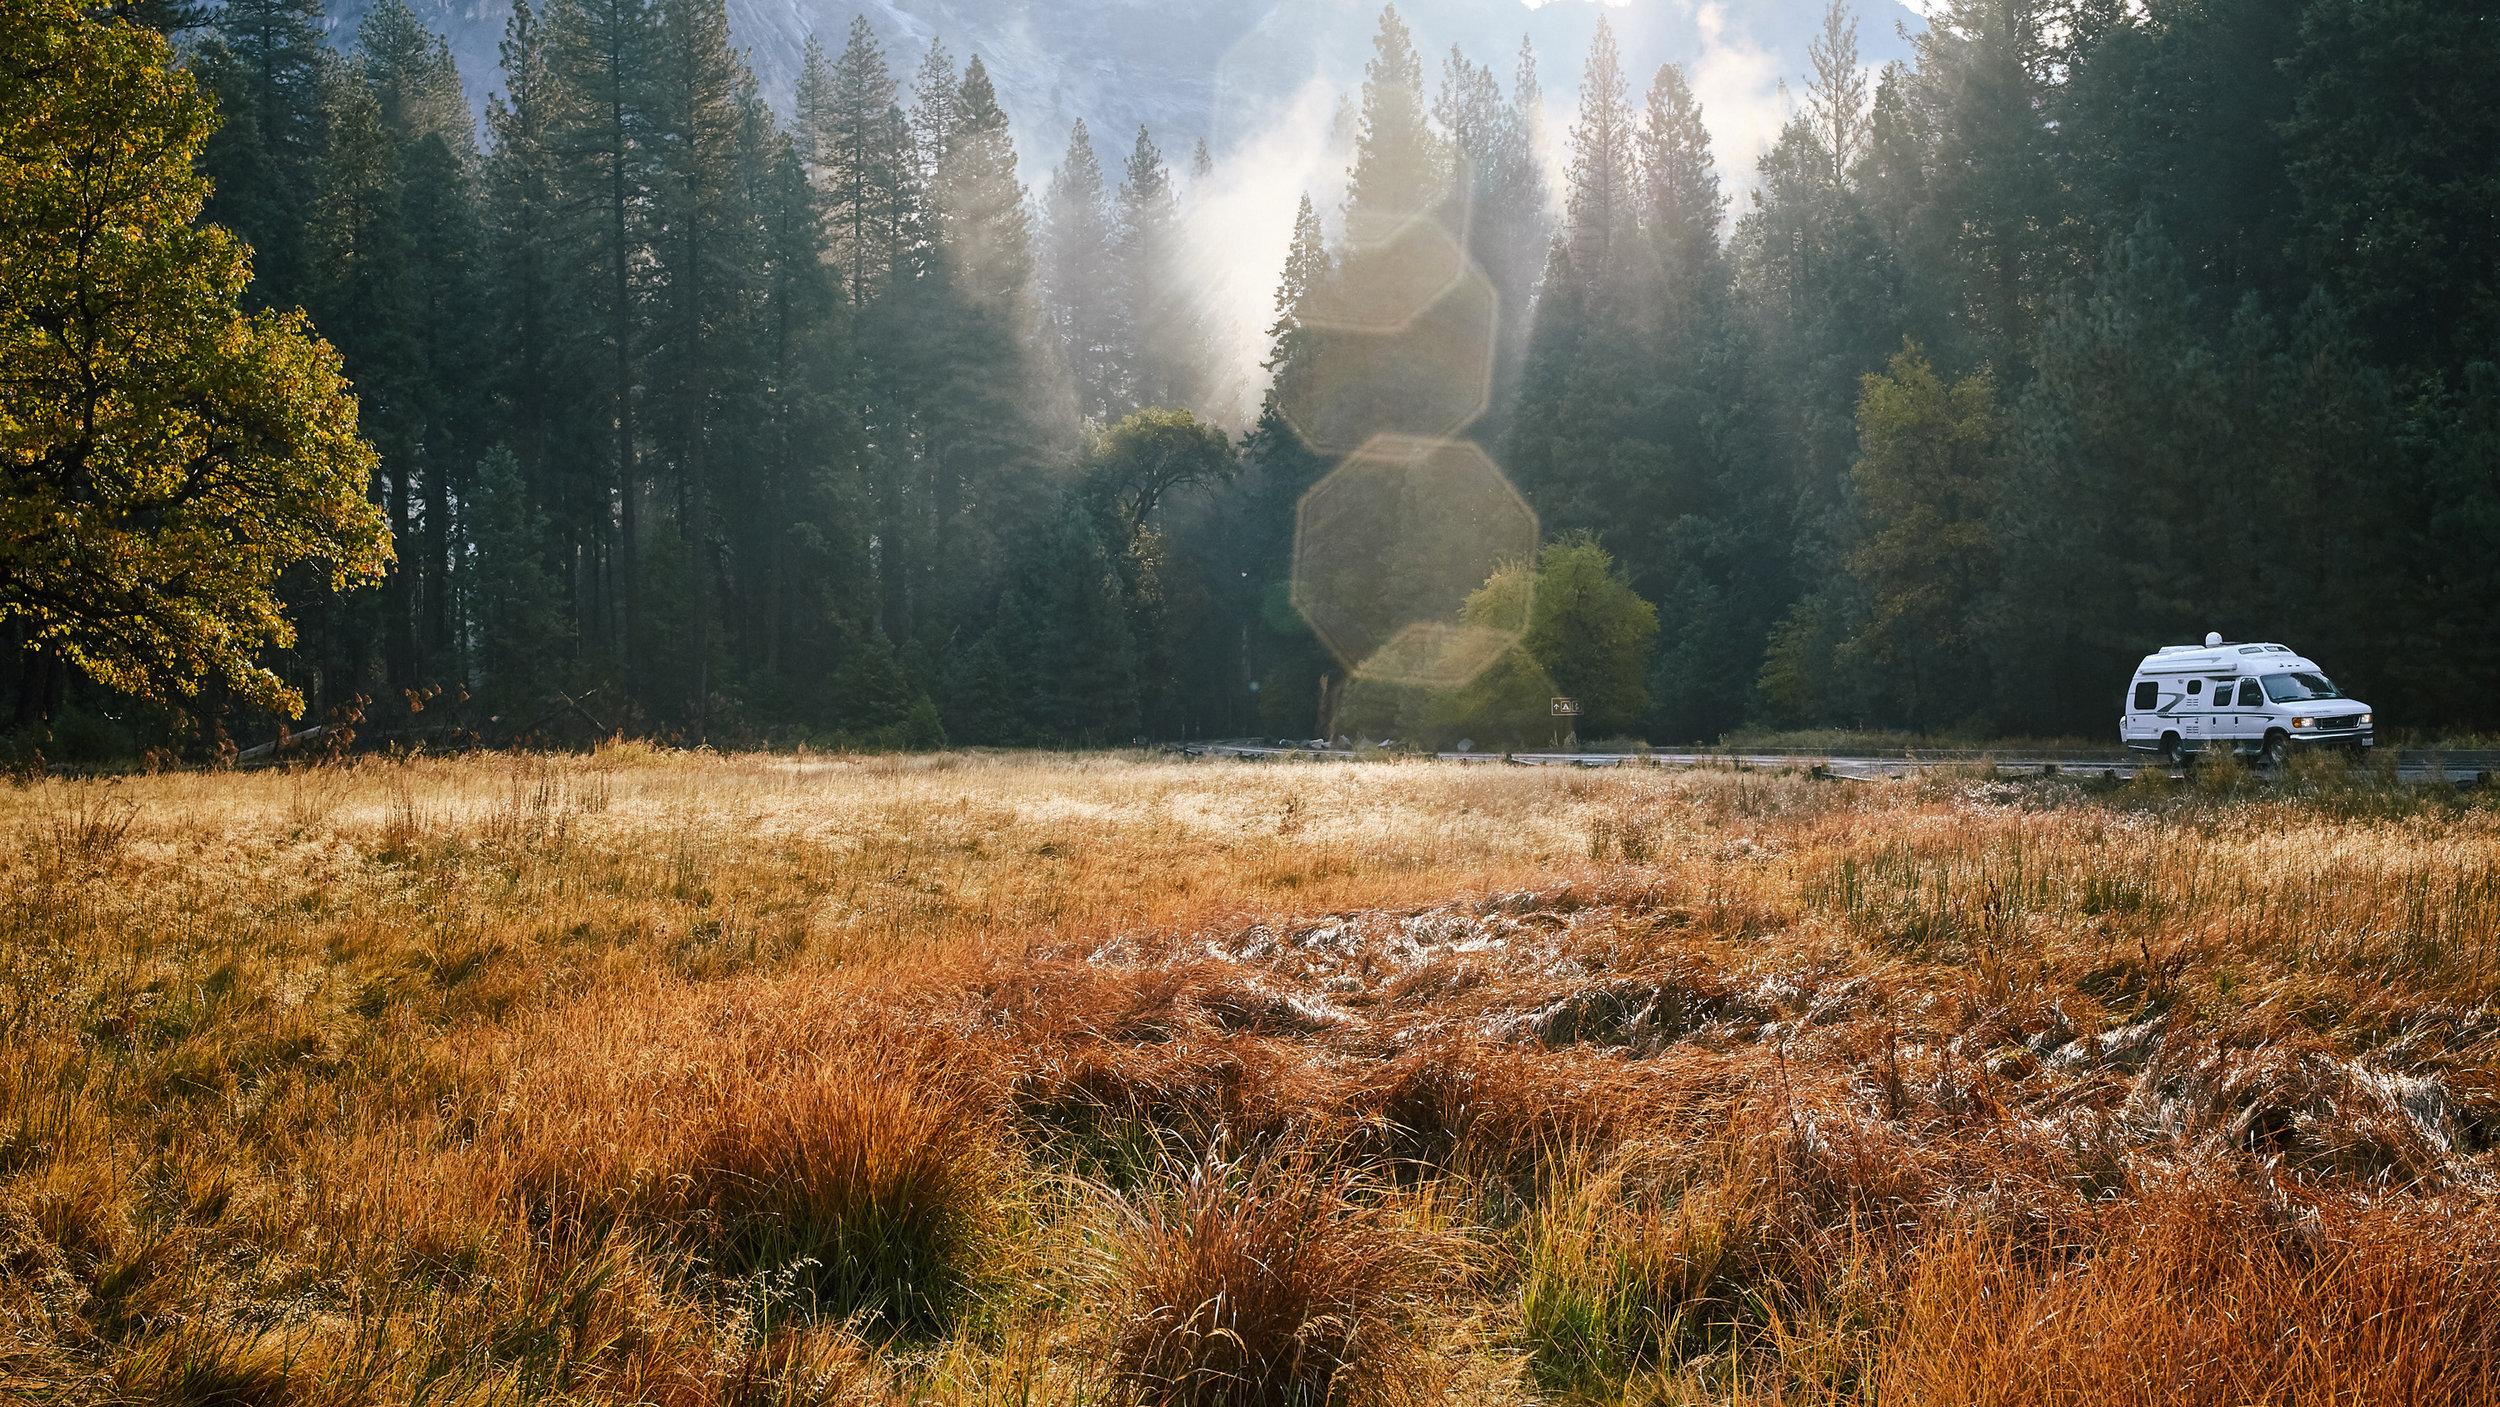 02_171019_Yosemite_032.jpg